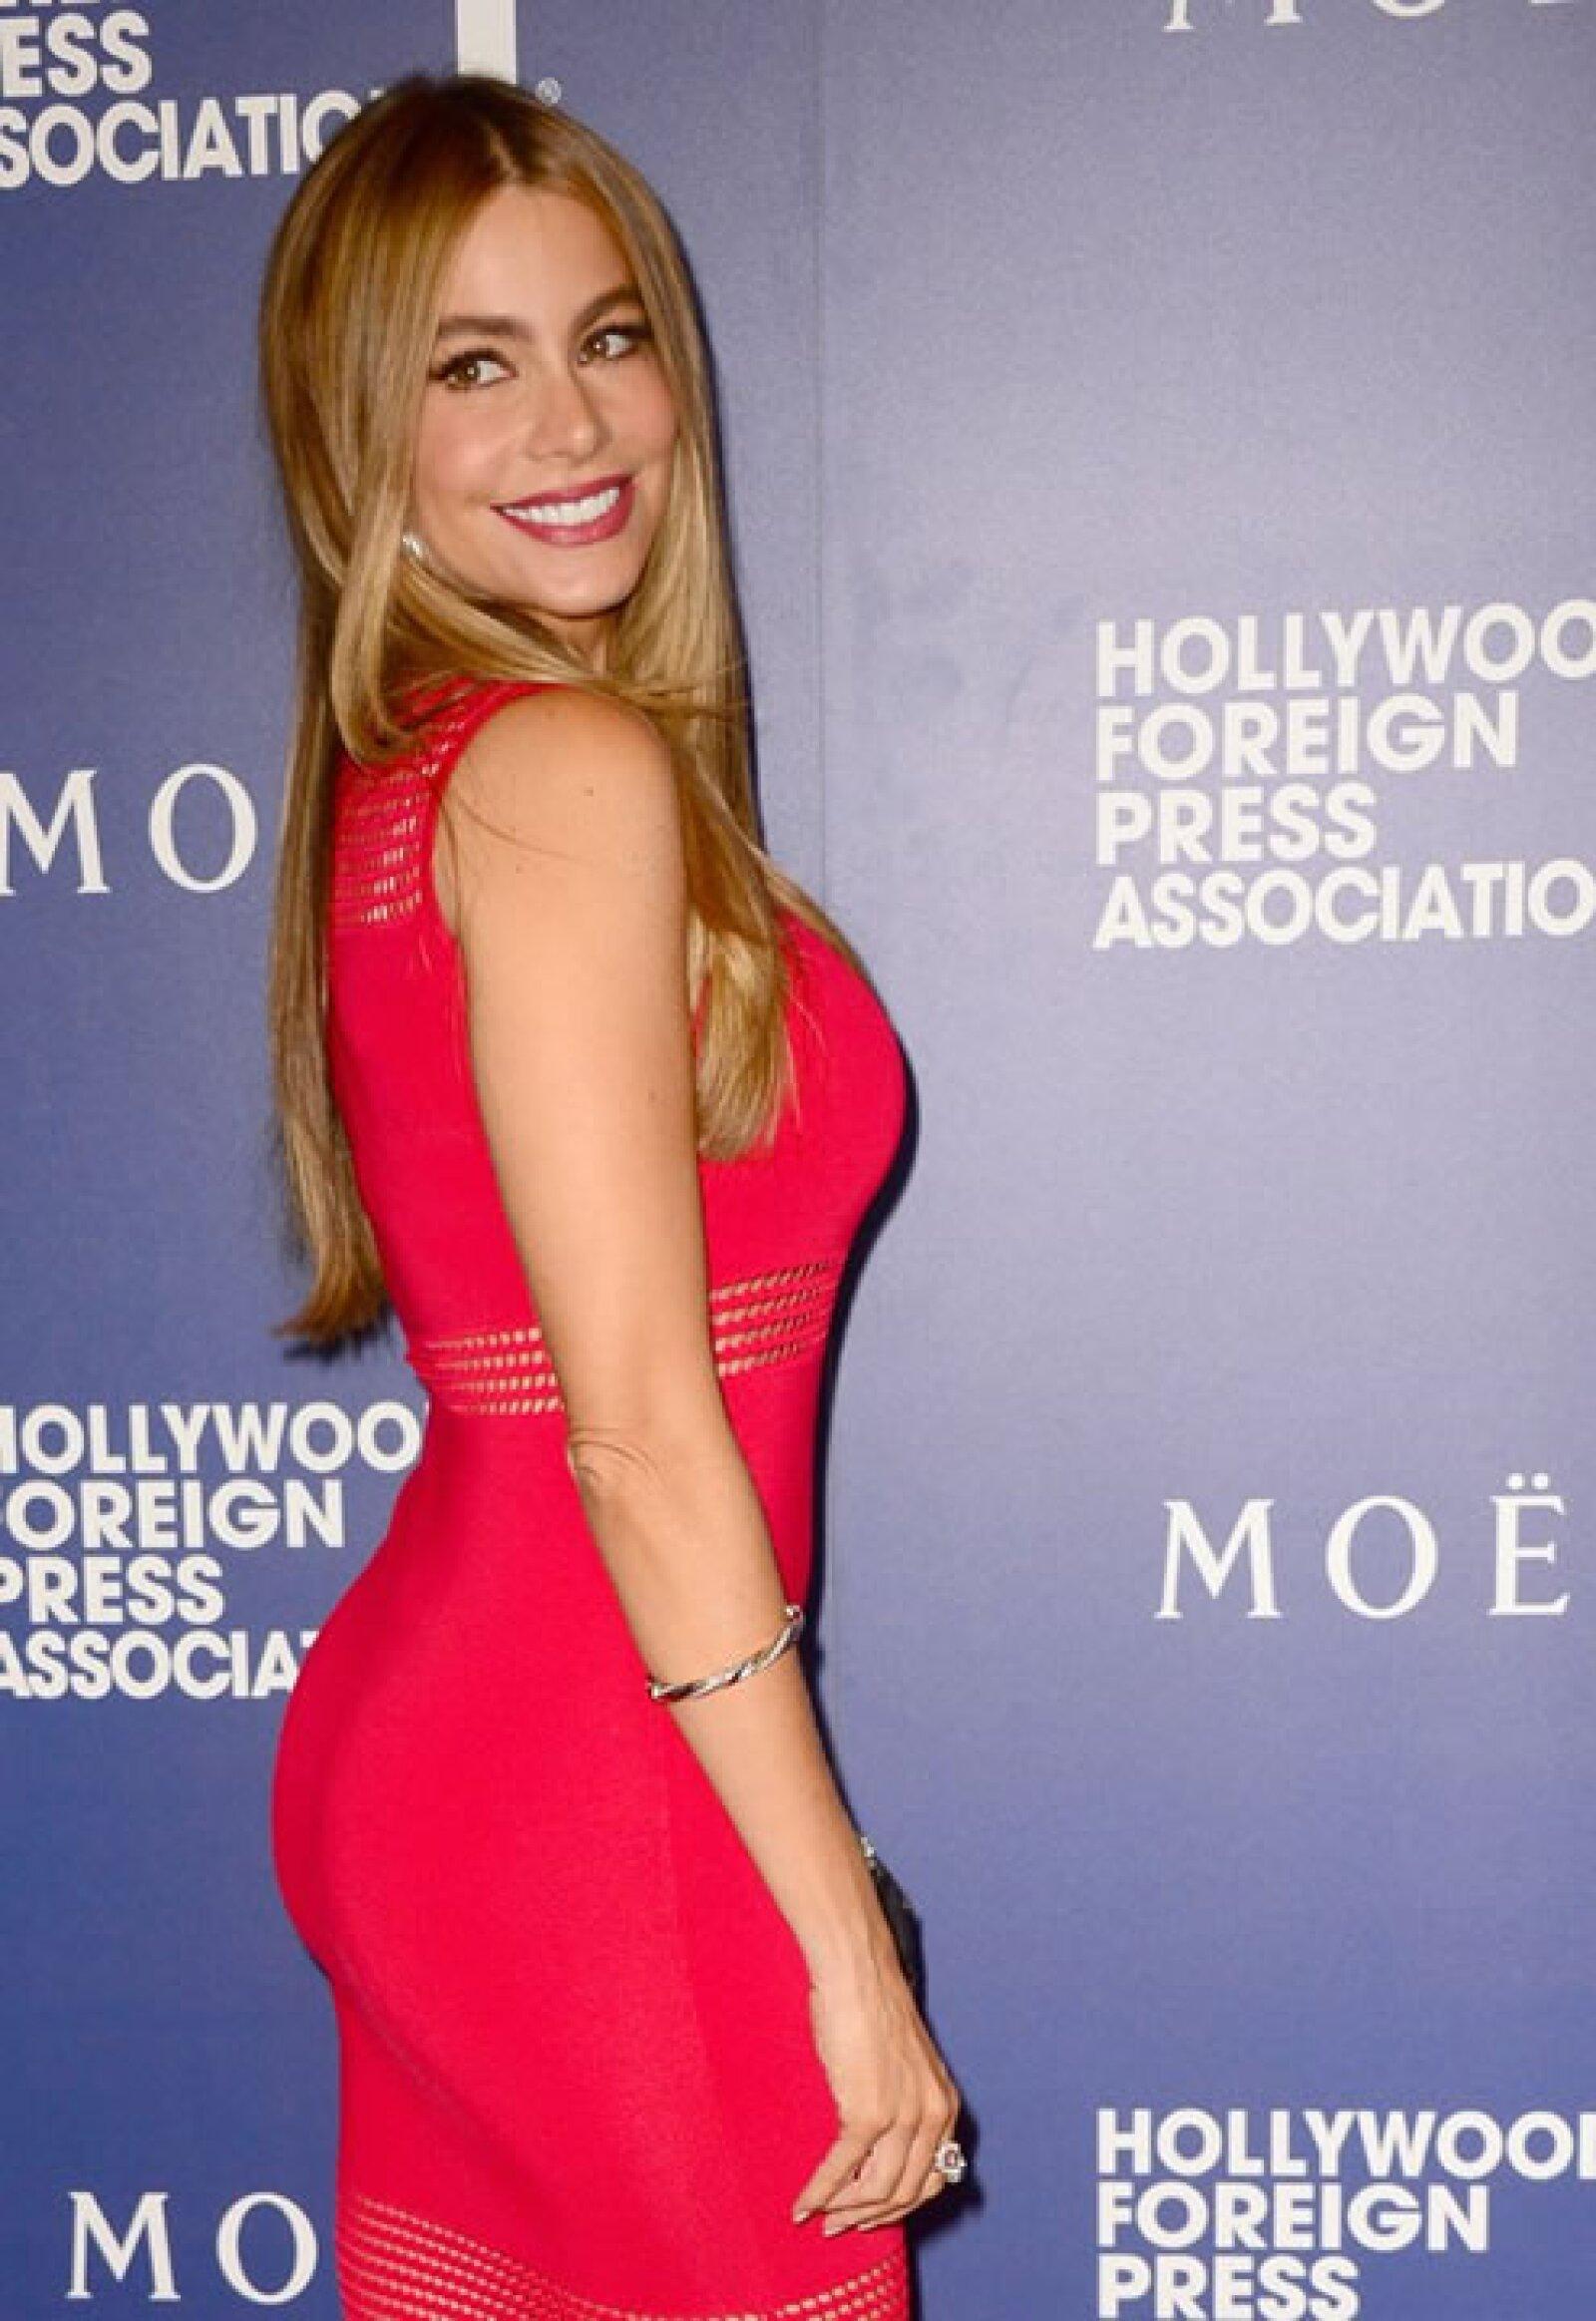 Sofía Vergara podrá ser favorita de los fans en Modern Family, peros sus cuatro nominaciones no le han dado ningún premio.